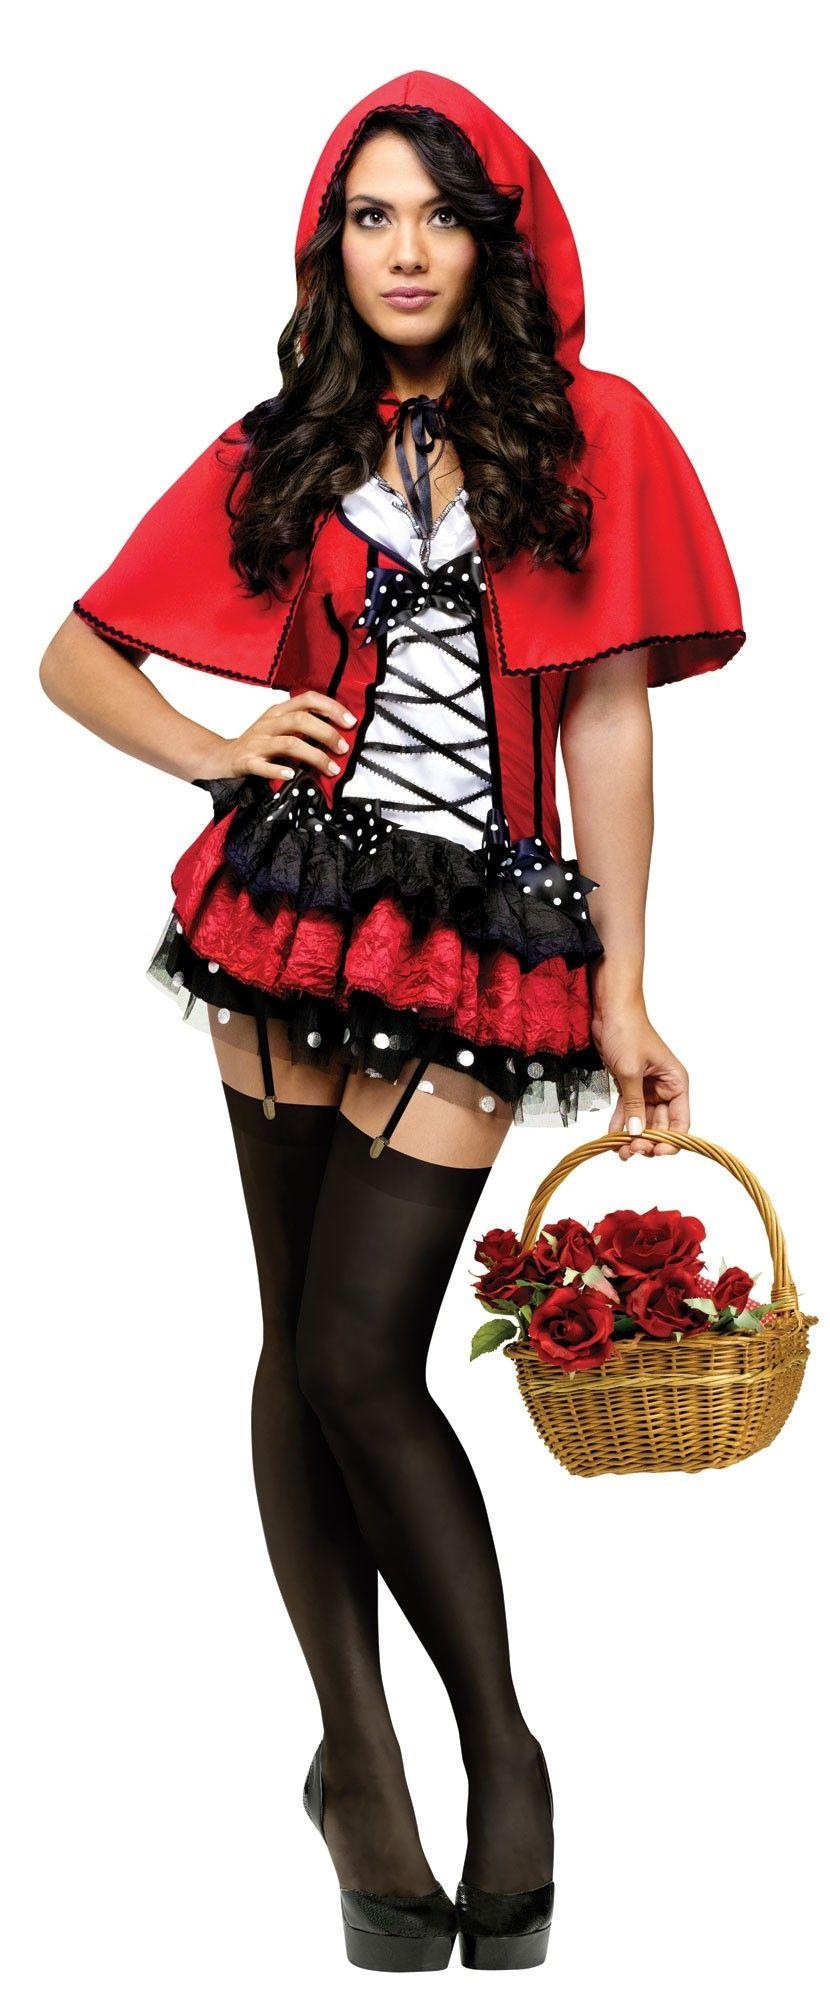 Костюм скромной Красной Шапочки (40-42) костюм прекрасной шапочки 30